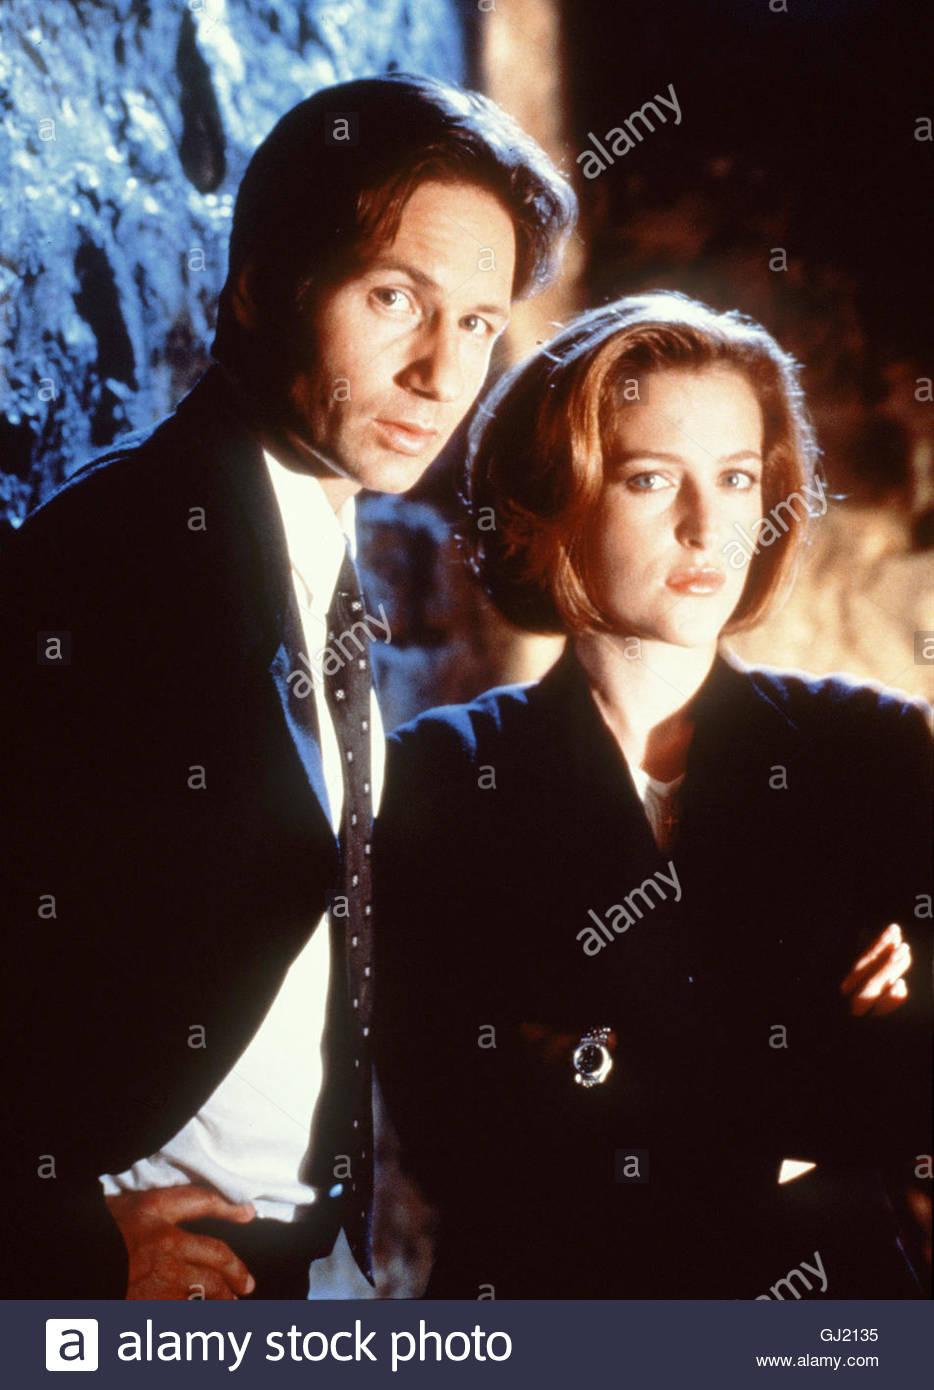 AKTE X - DER FILM The X-Files Die FBI-Agenten Fox Mulder (DAVID DUCHOVNY) und Dana Scully (GILLIAN ANDERSON) sind - Stock Image